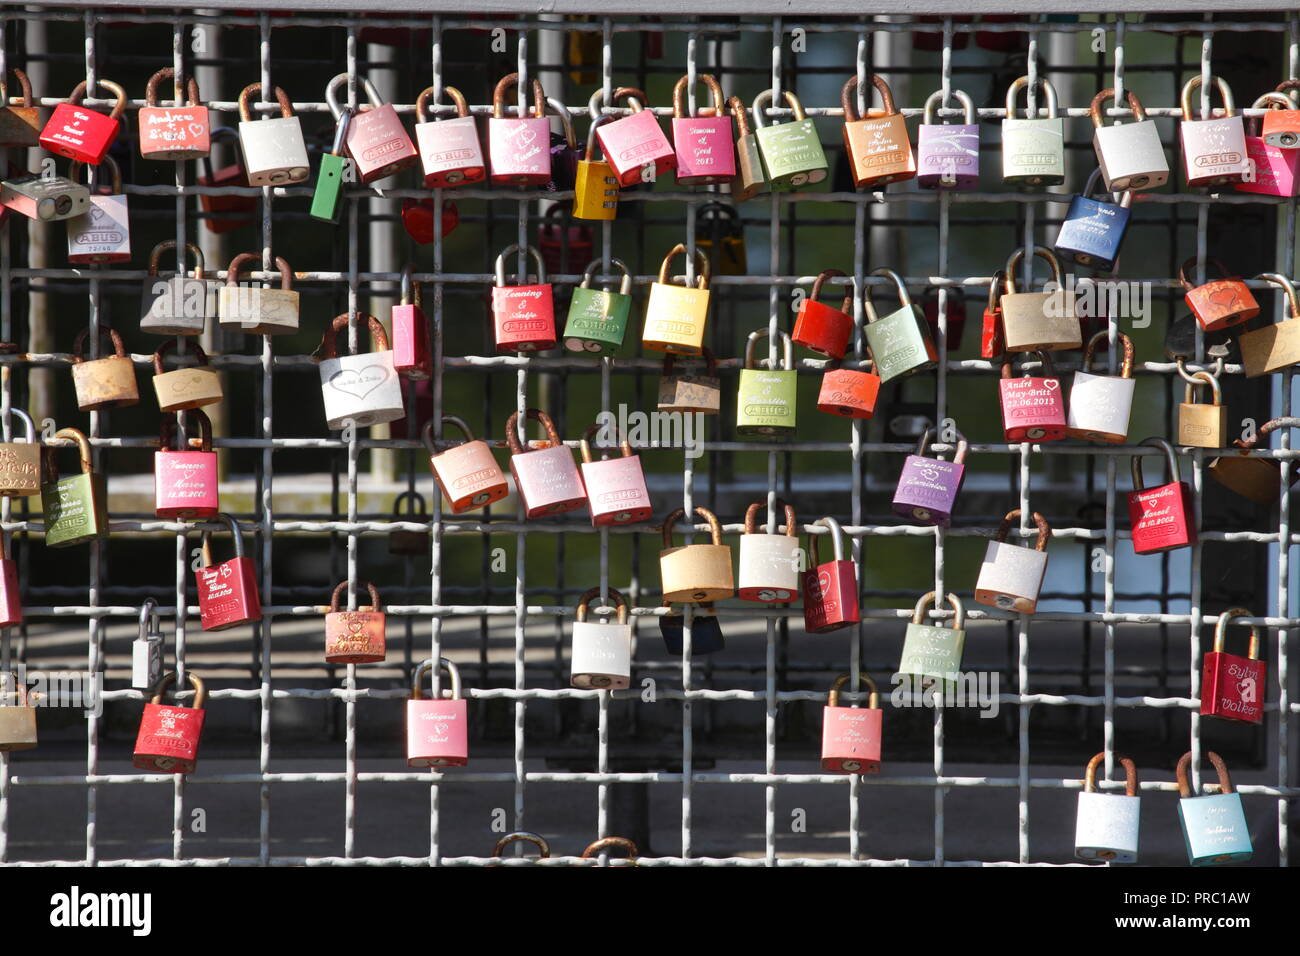 Bunte liebe Schlösser auf einer Brücke Geländer, Buxtehude, Niedersachsen, Deutschland, Europa ich Bunte Liebesschlösser ein einem Brückengeländer, Buxtehude, NiedeStockfoto